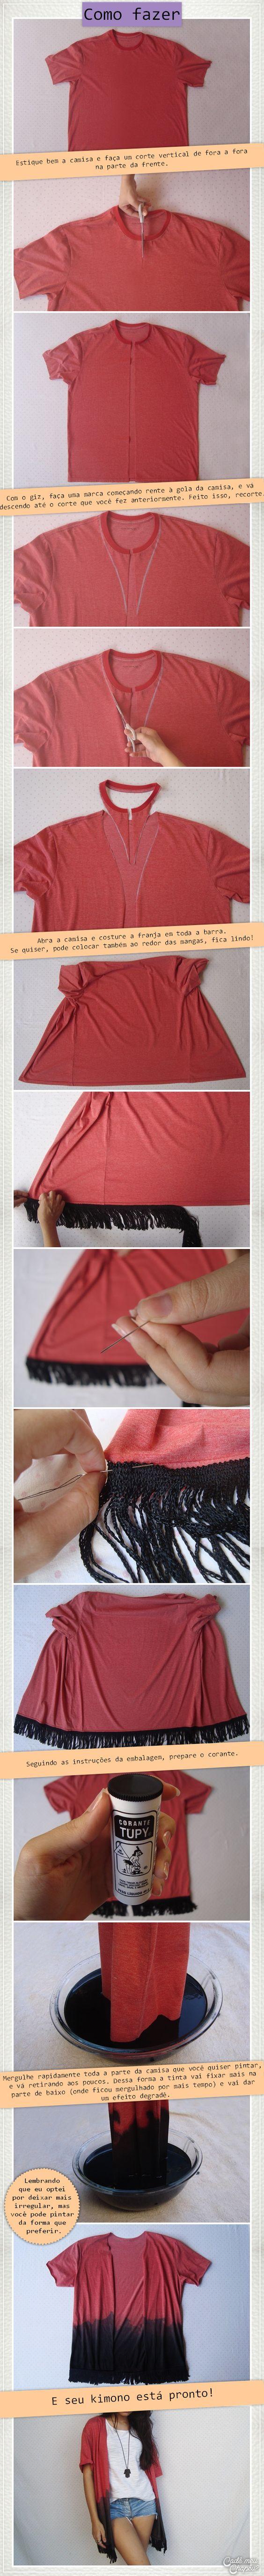 DIY Kimono fashion | DIY Fashion | DIY Quimono | More details on http://www.cademeuchapeu.com/diy-kimono: